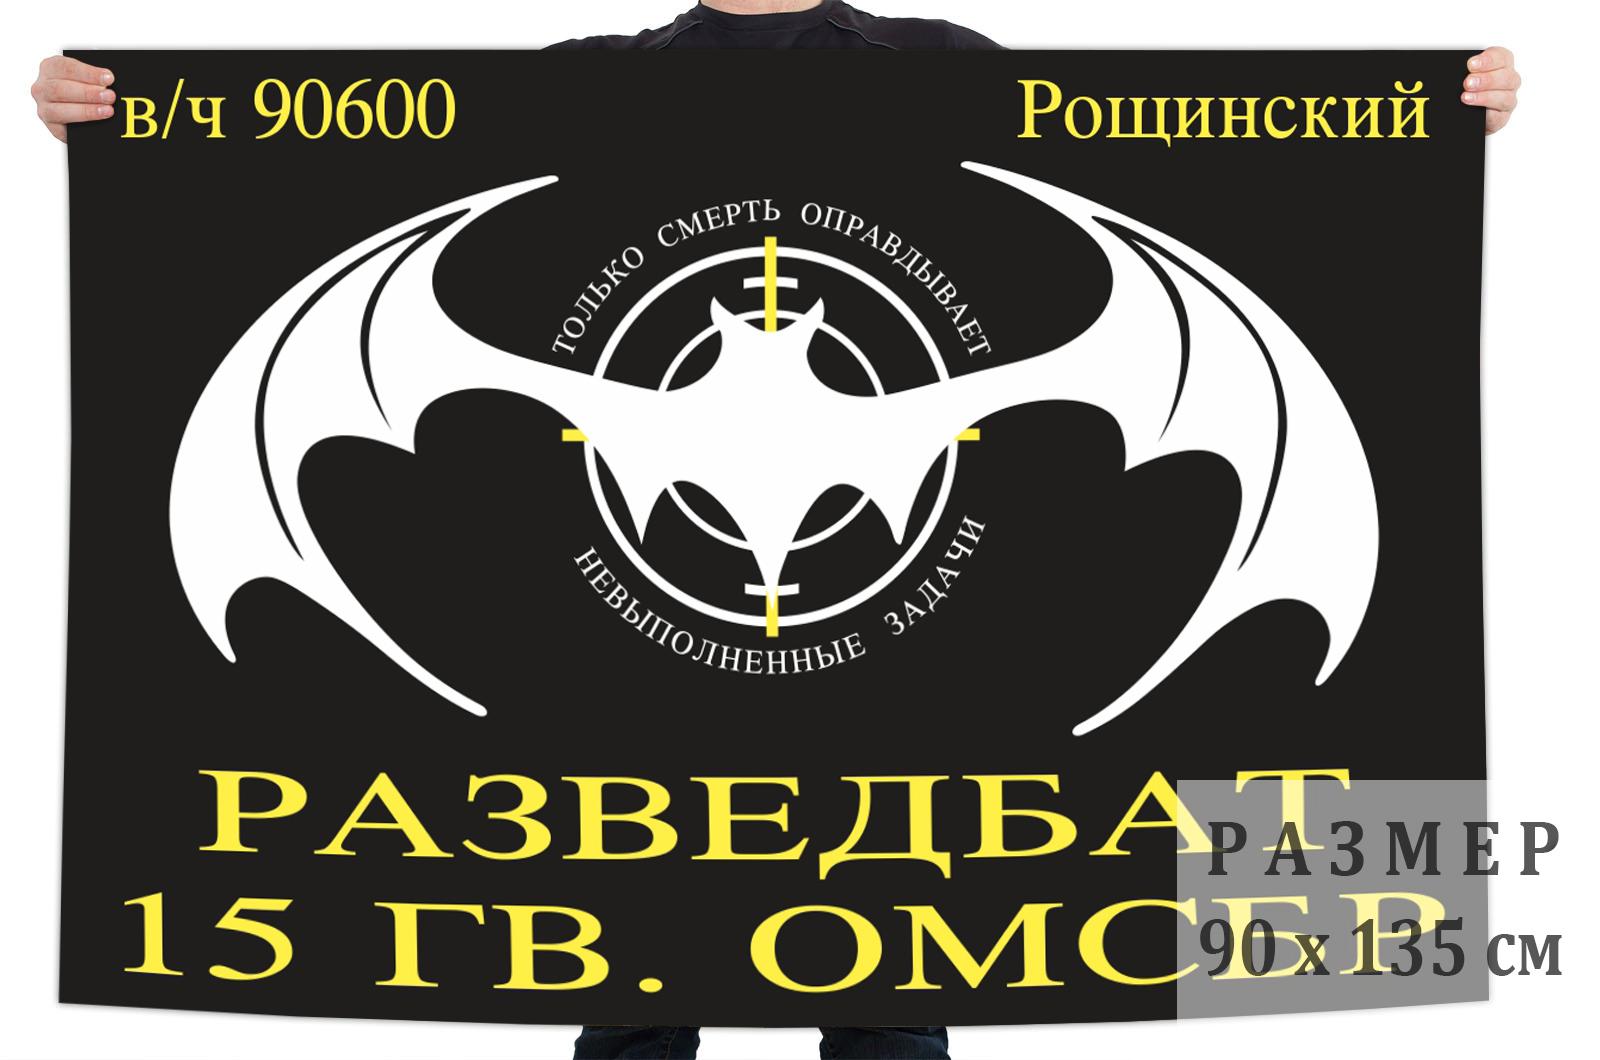 Купить с доставкой флаг Разведбат 15-я ОМСБр